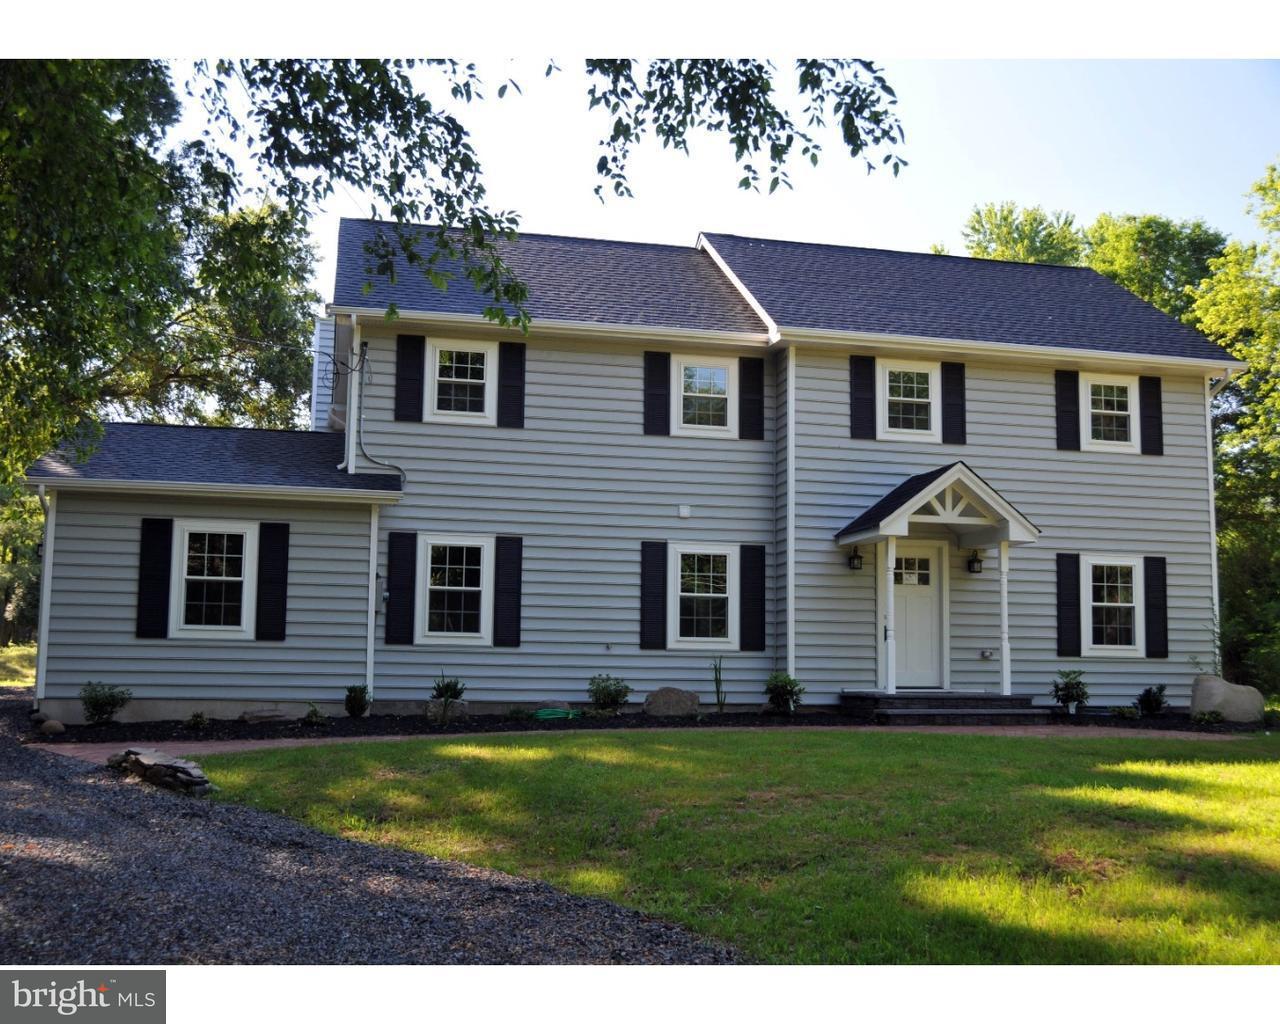 Maison unifamiliale pour l Vente à 1309 CANAL Road Princeton, New Jersey 08540 États-UnisDans/Autour: Franklin Township